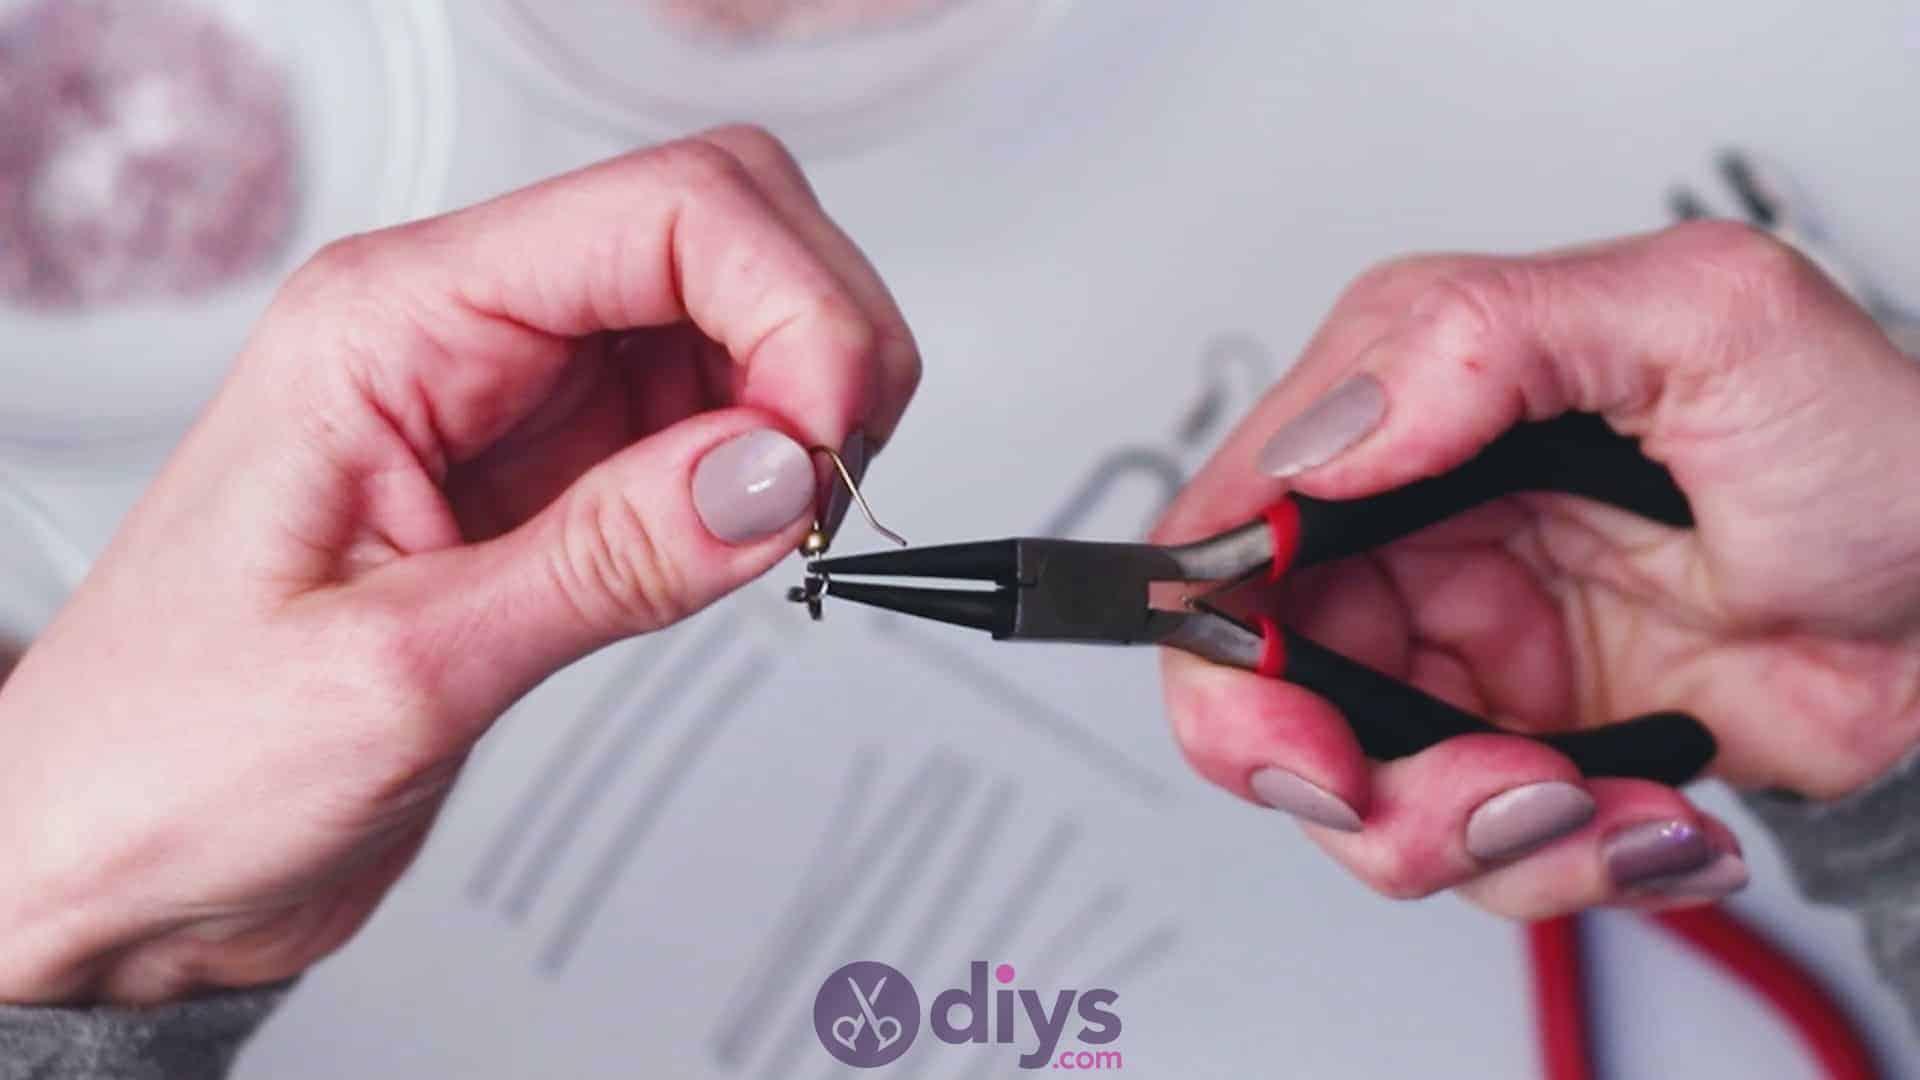 Diy seed bead fringe earrings step 1b